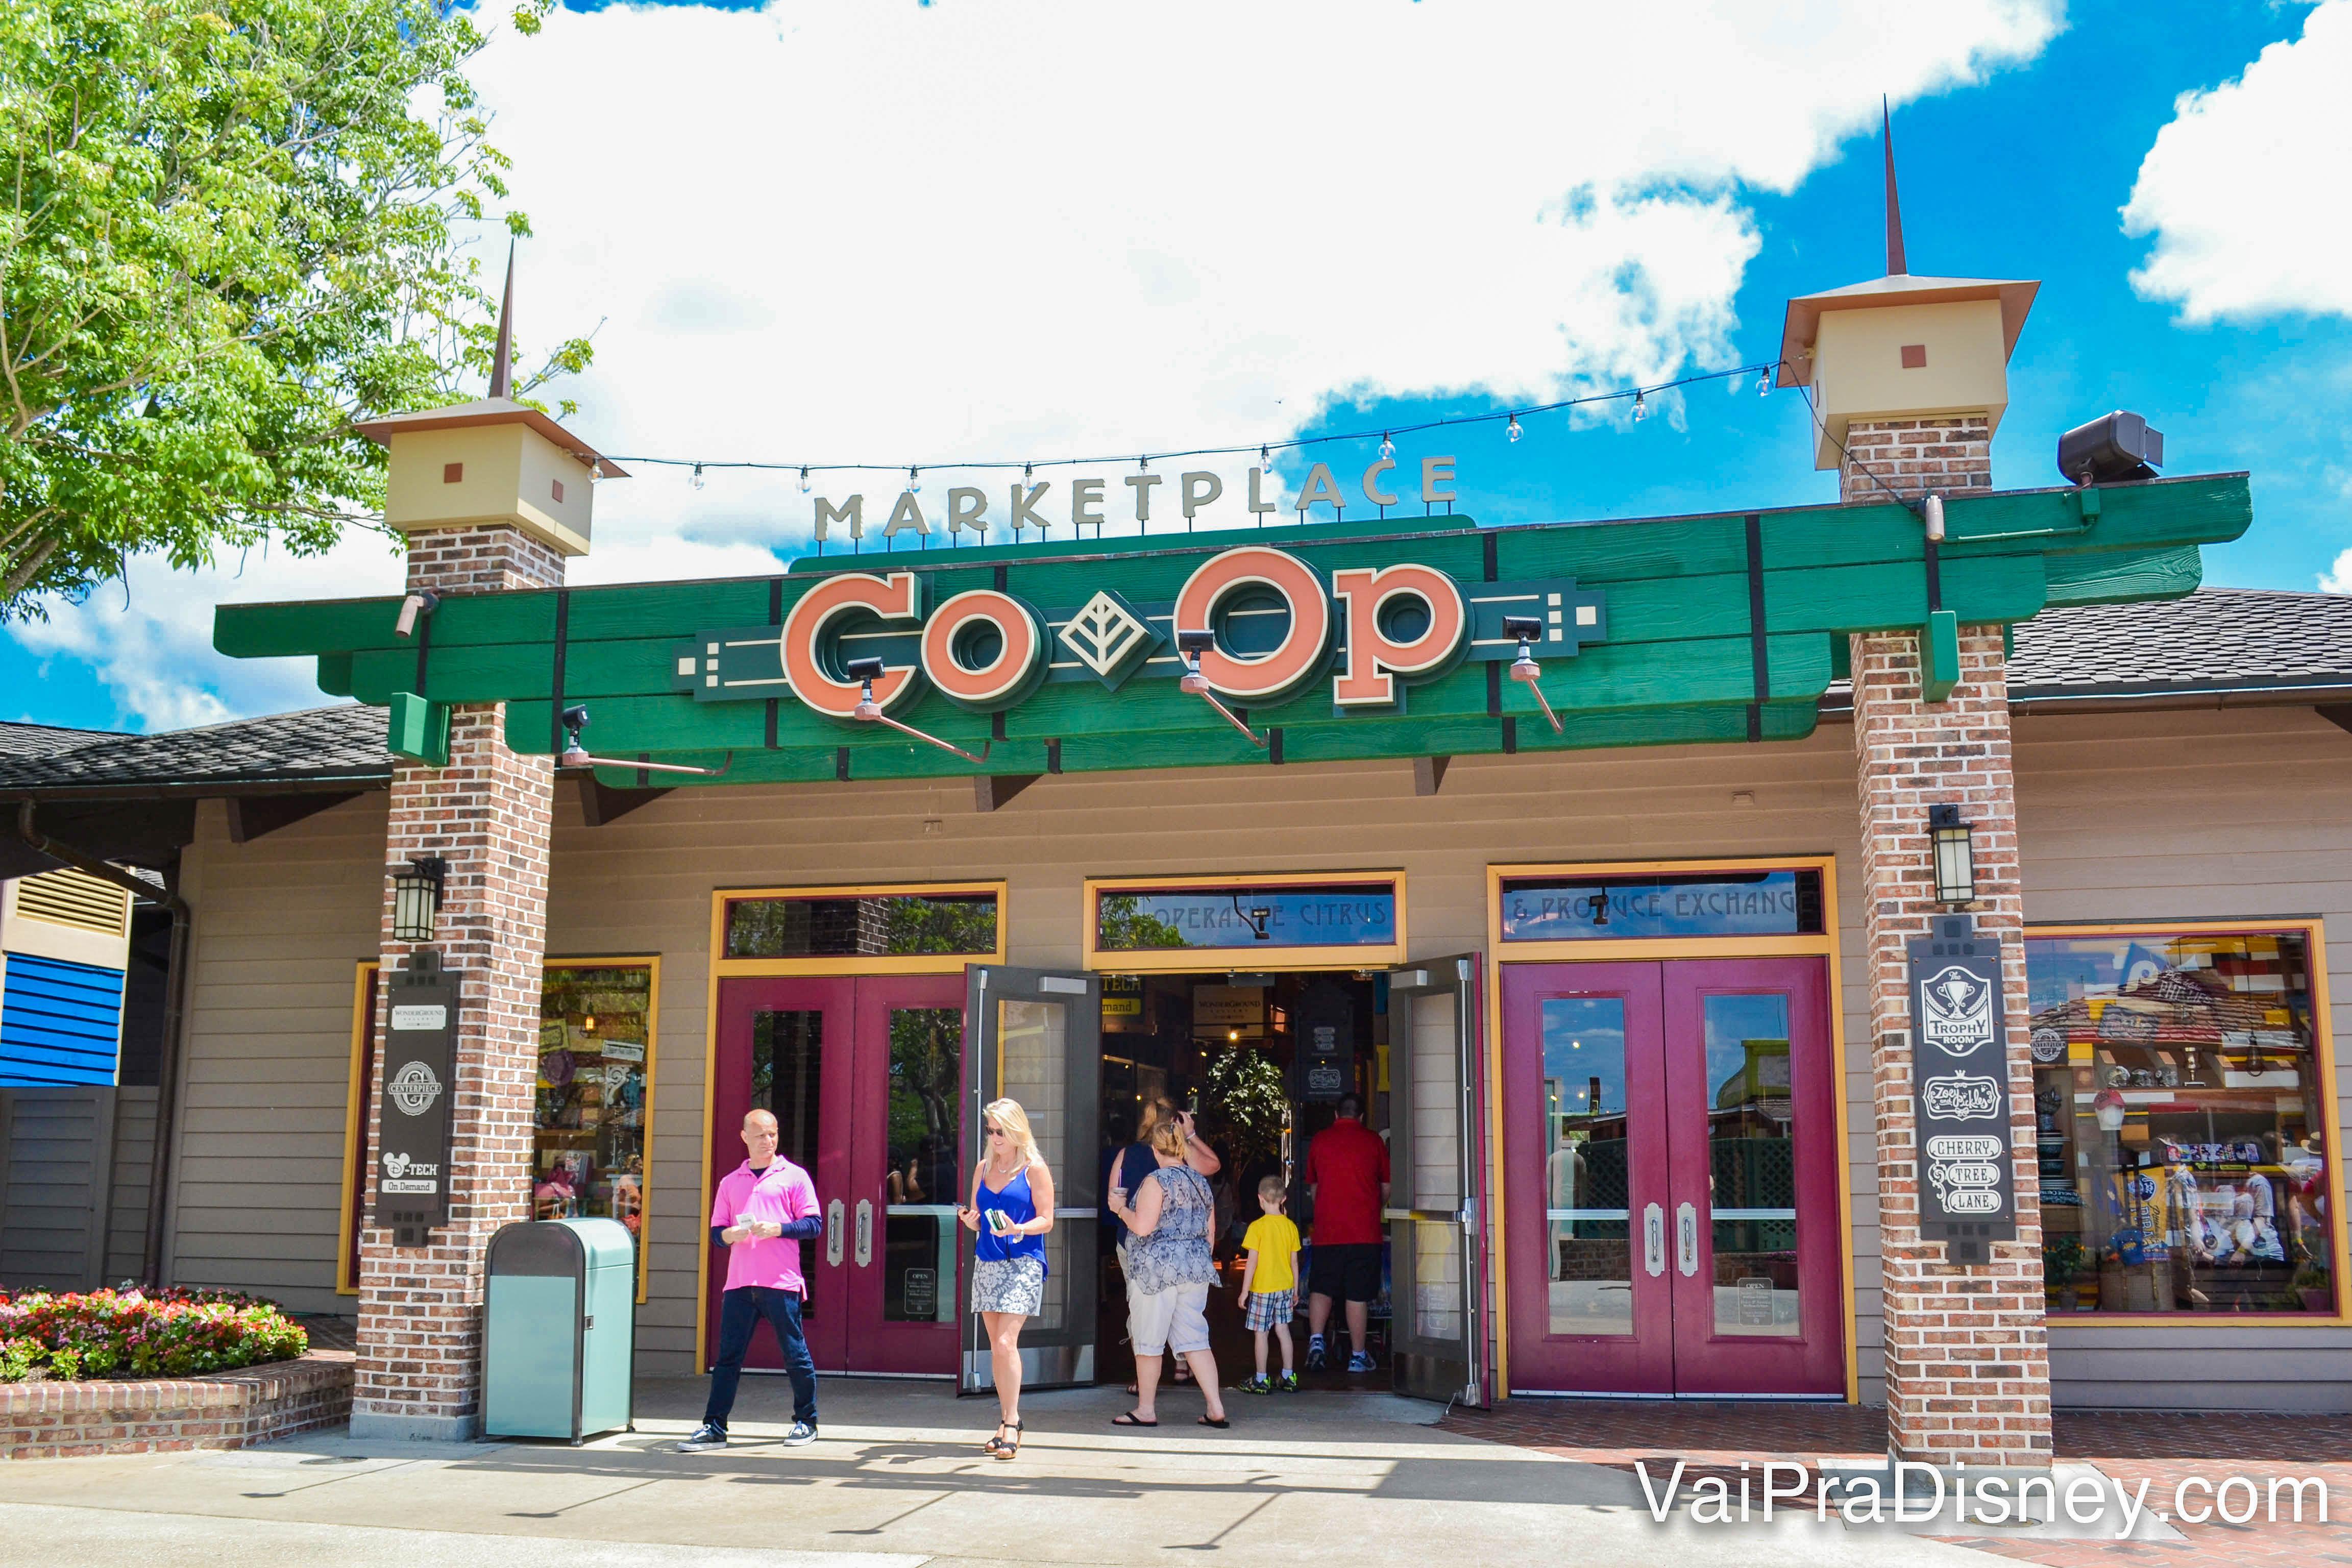 Foto da entrada do Marketplace Co-op de Disney Springs. A fachada é verde e as letras estão em laranja.